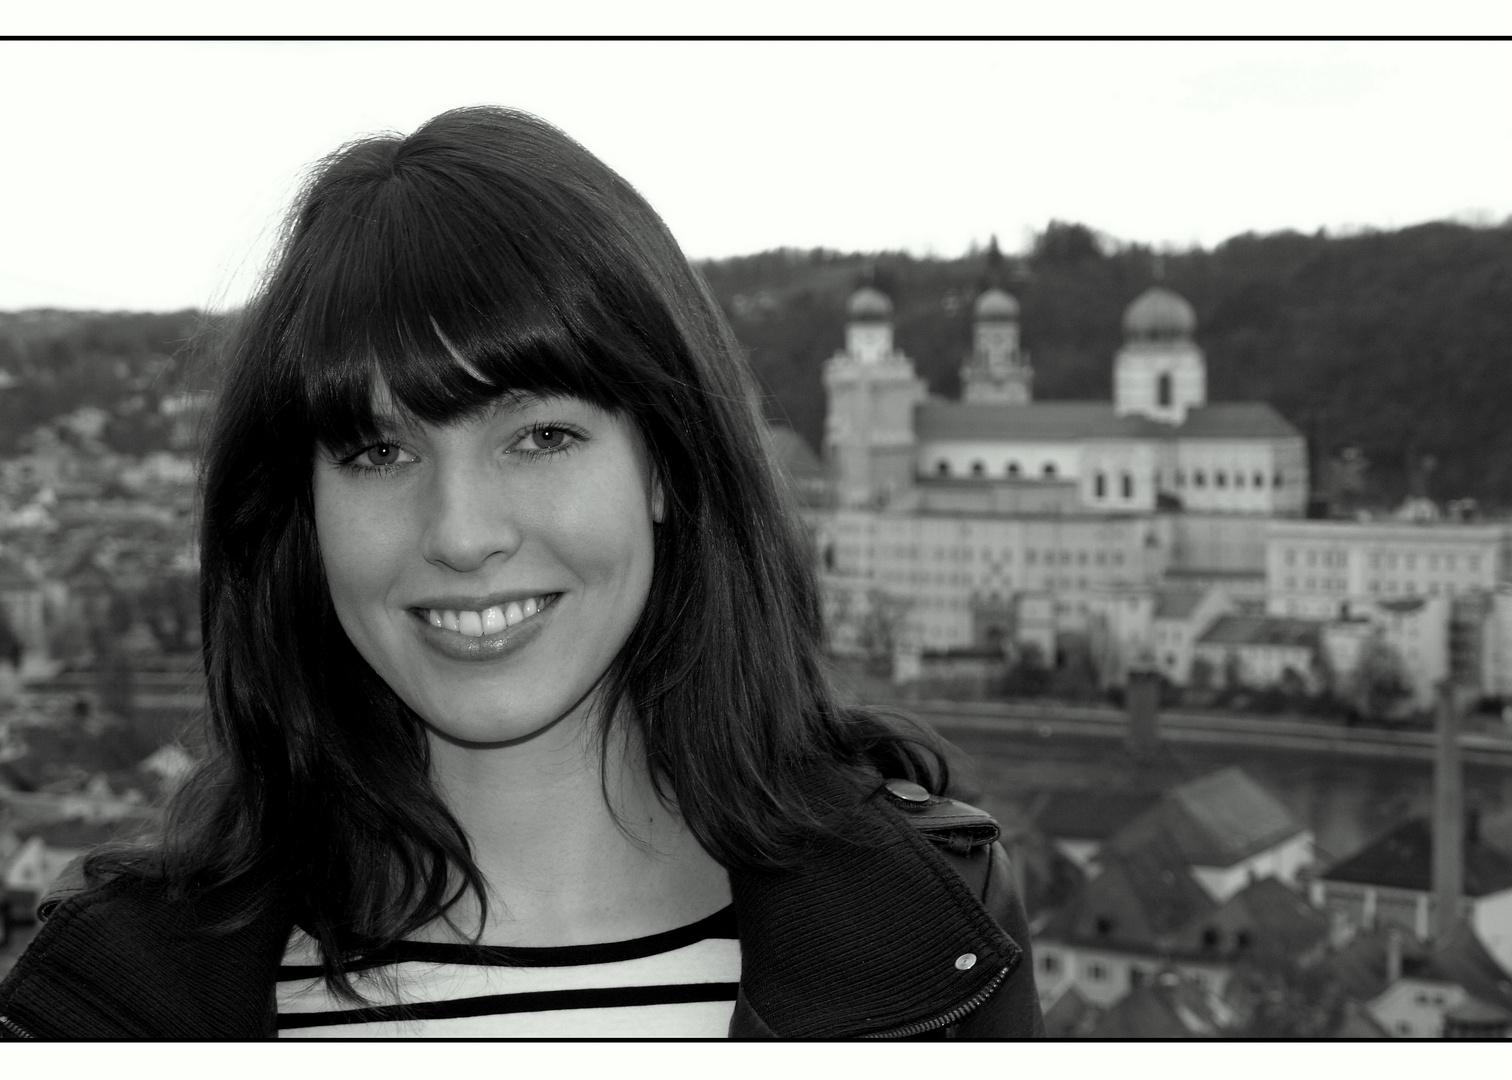 Die Maus über Passau